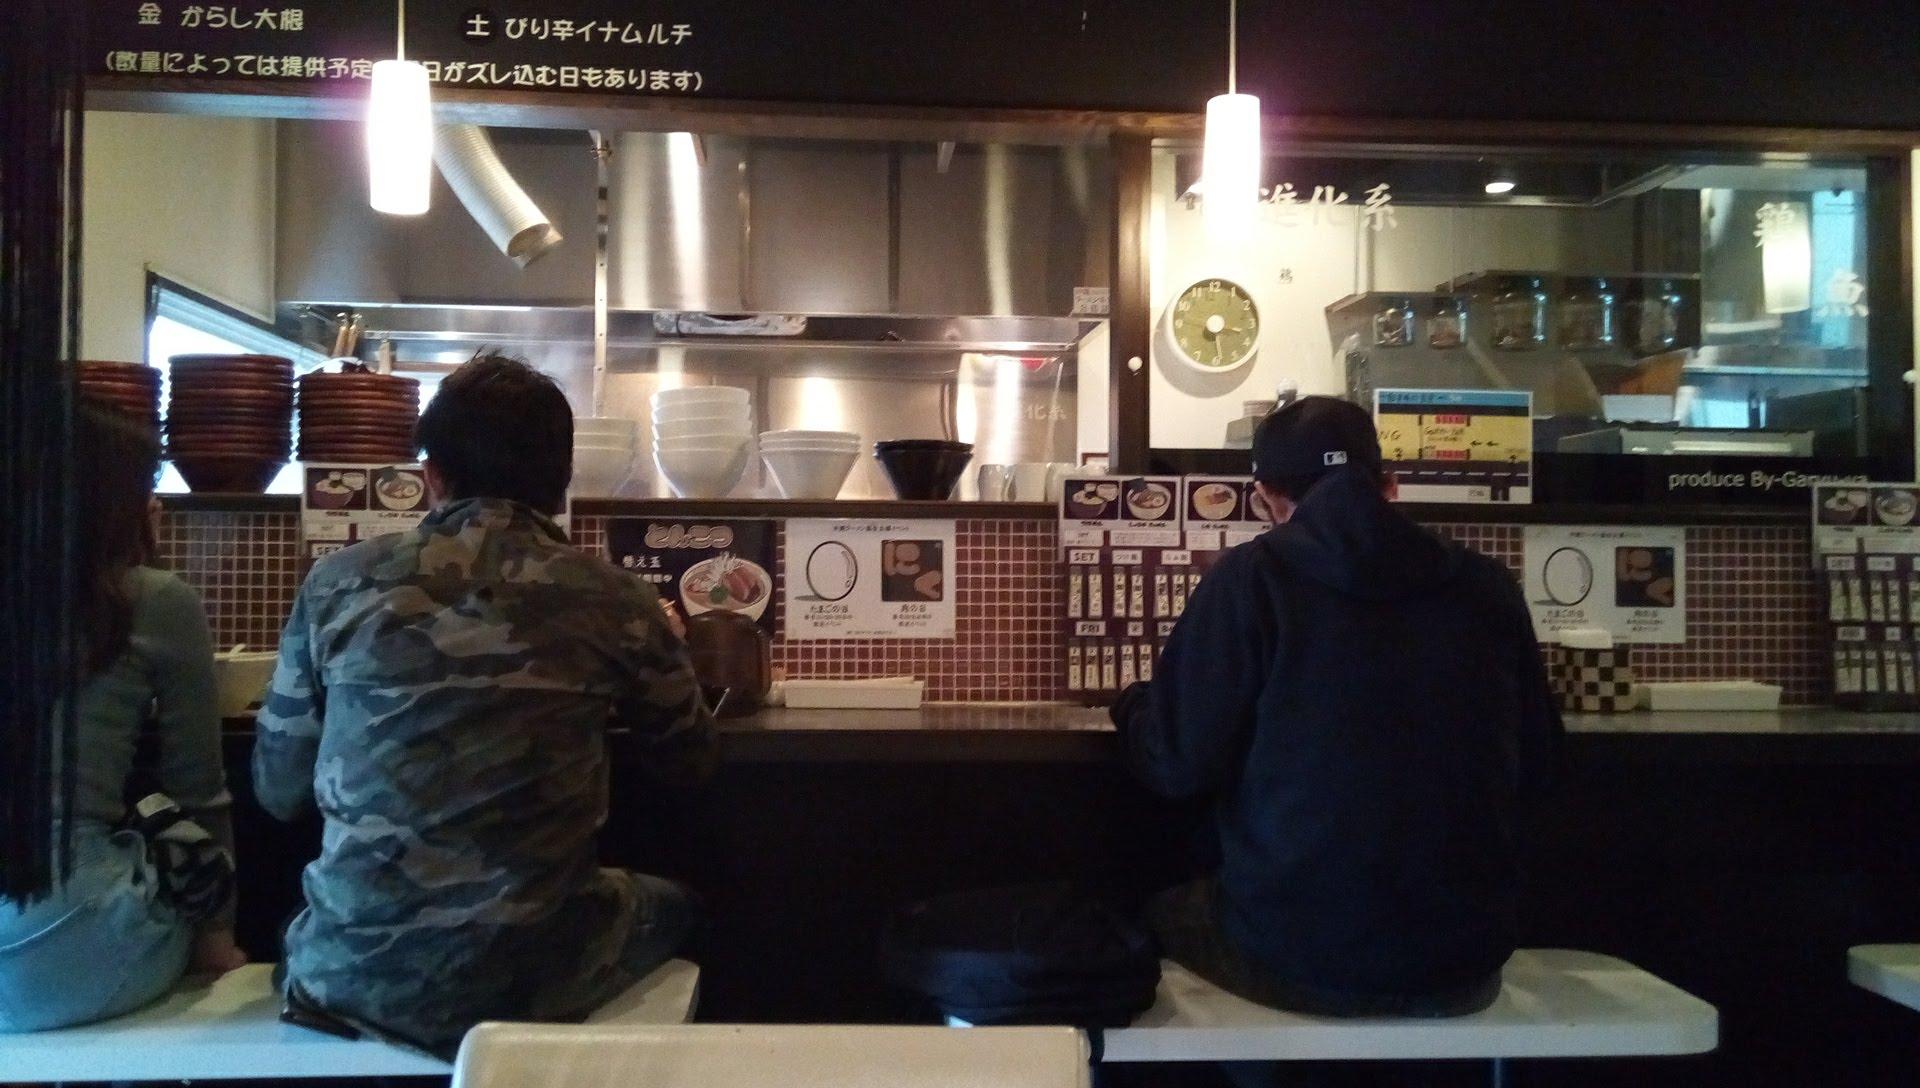 Garyu-yaの店内写真1